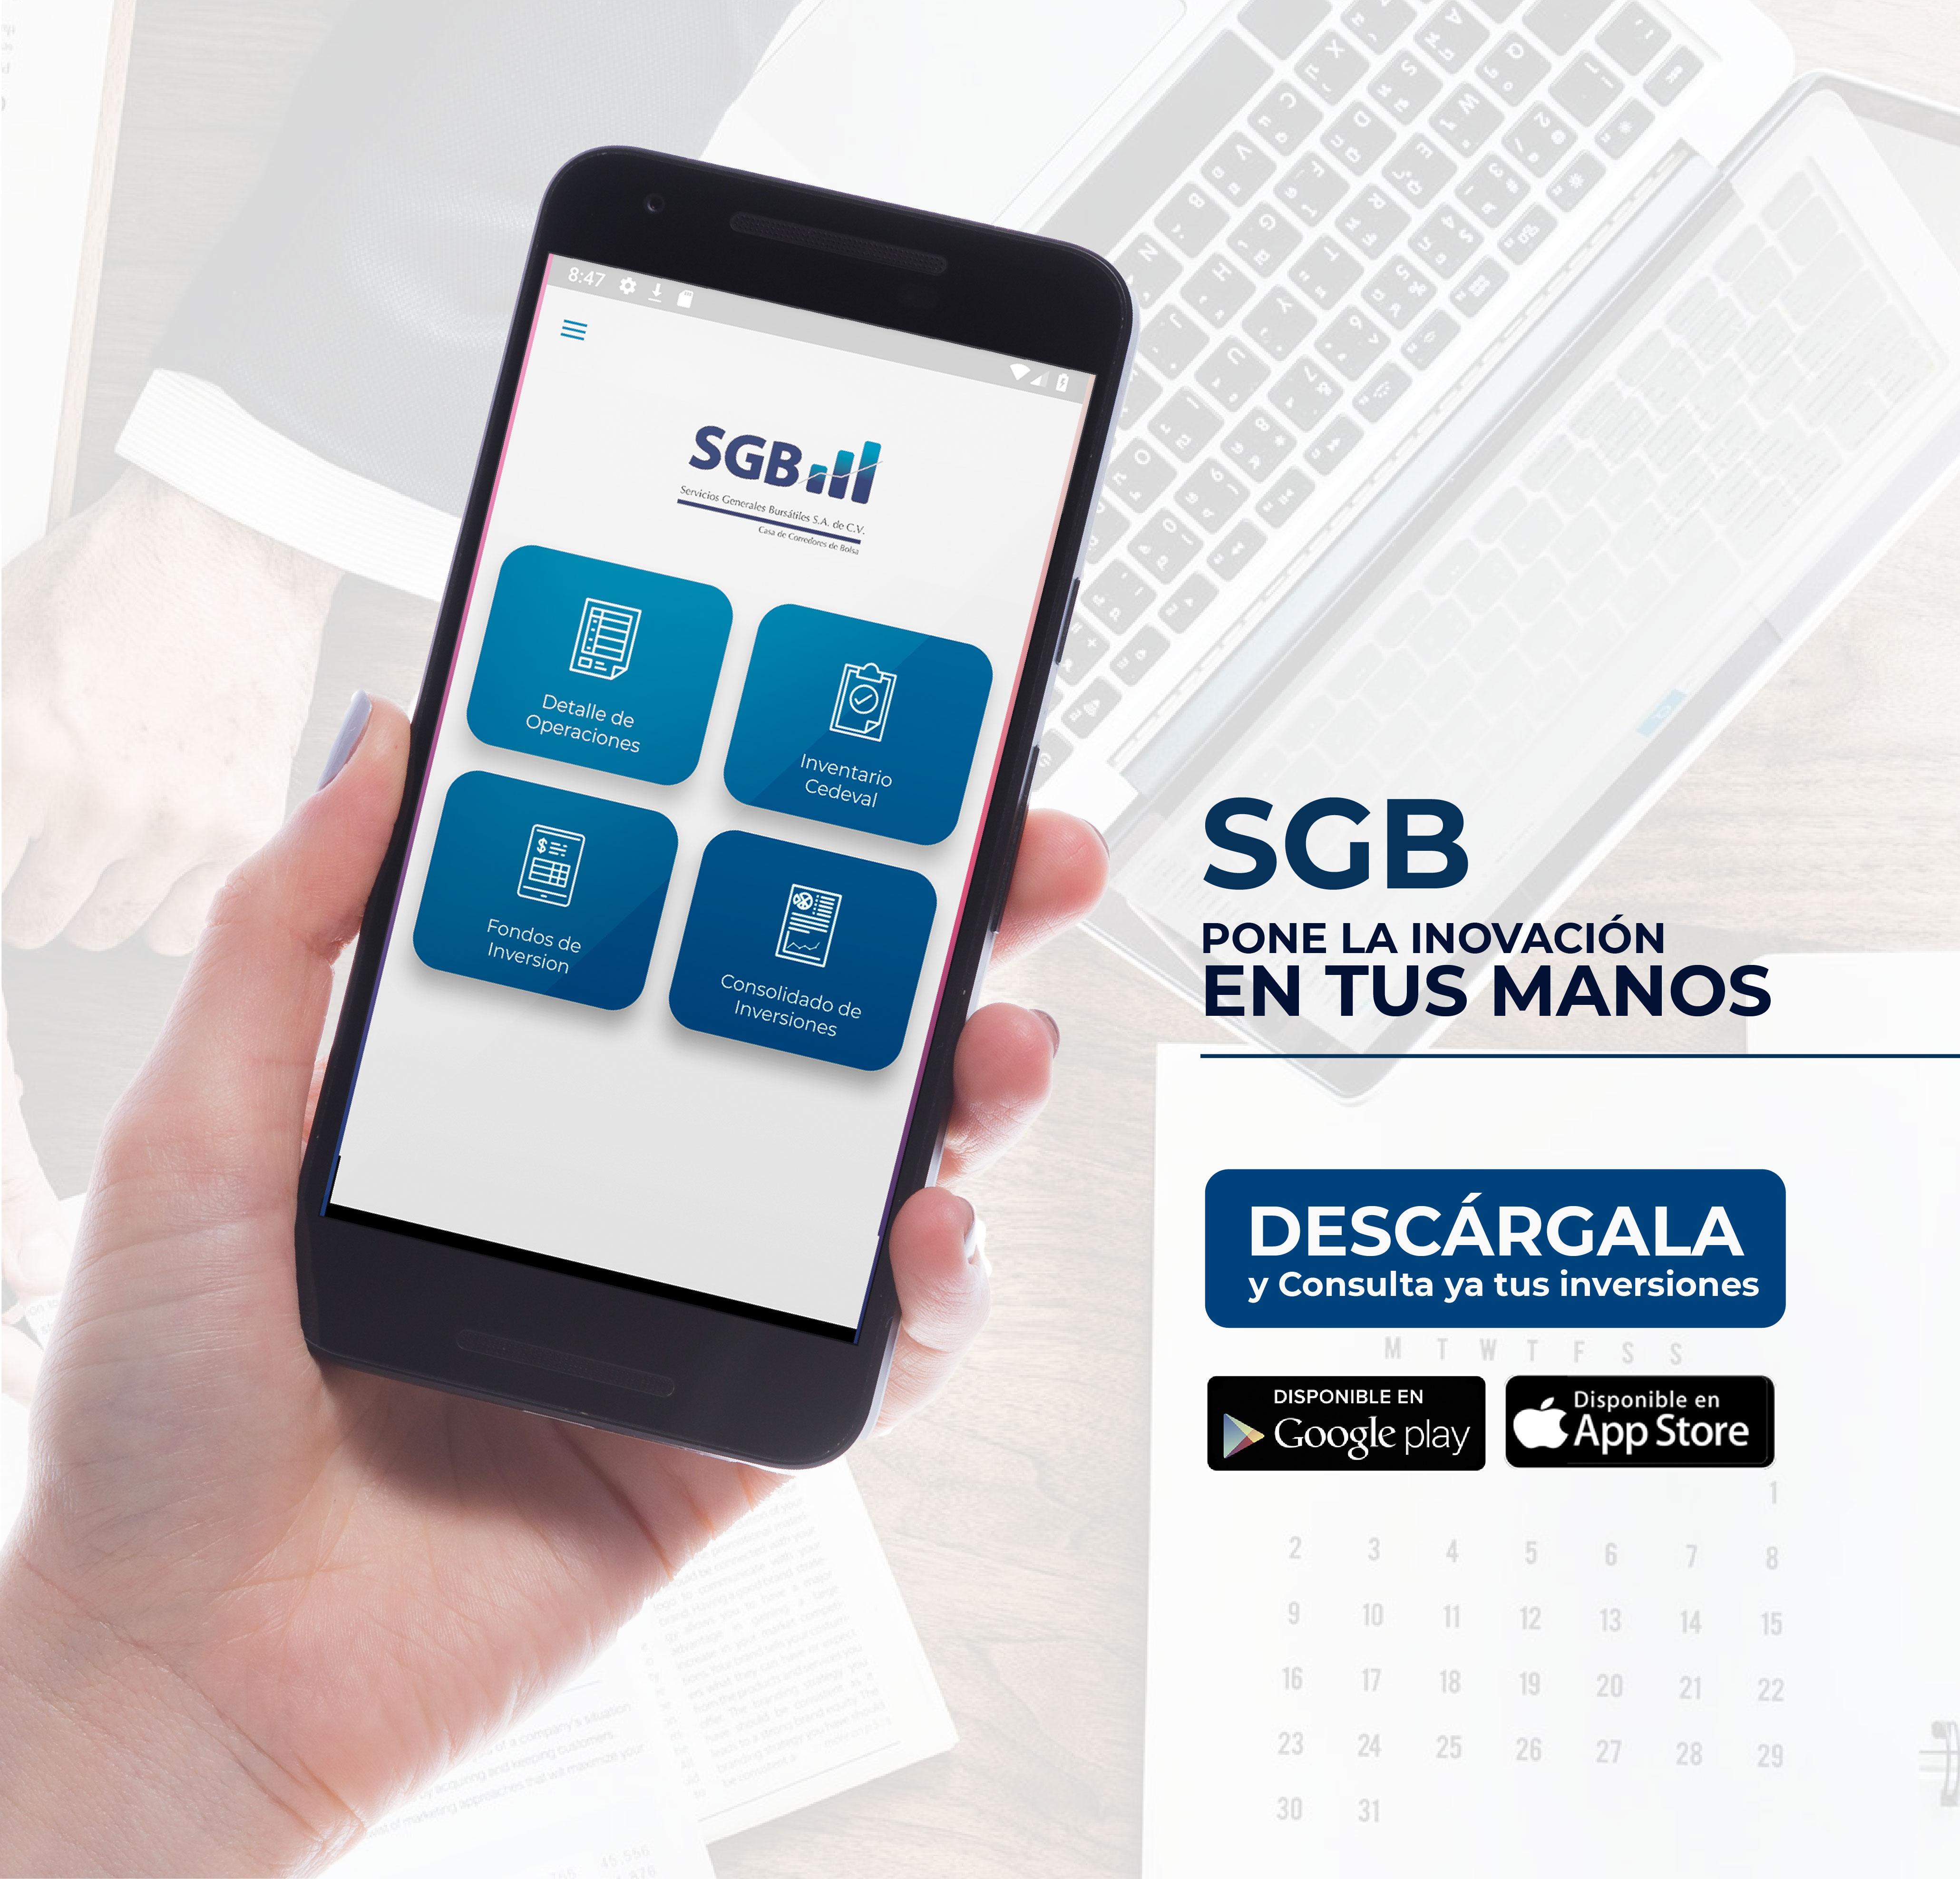 ¡La primera Casa de Corredores de Bolsa con una Aplicación Móvil en El Salvador!